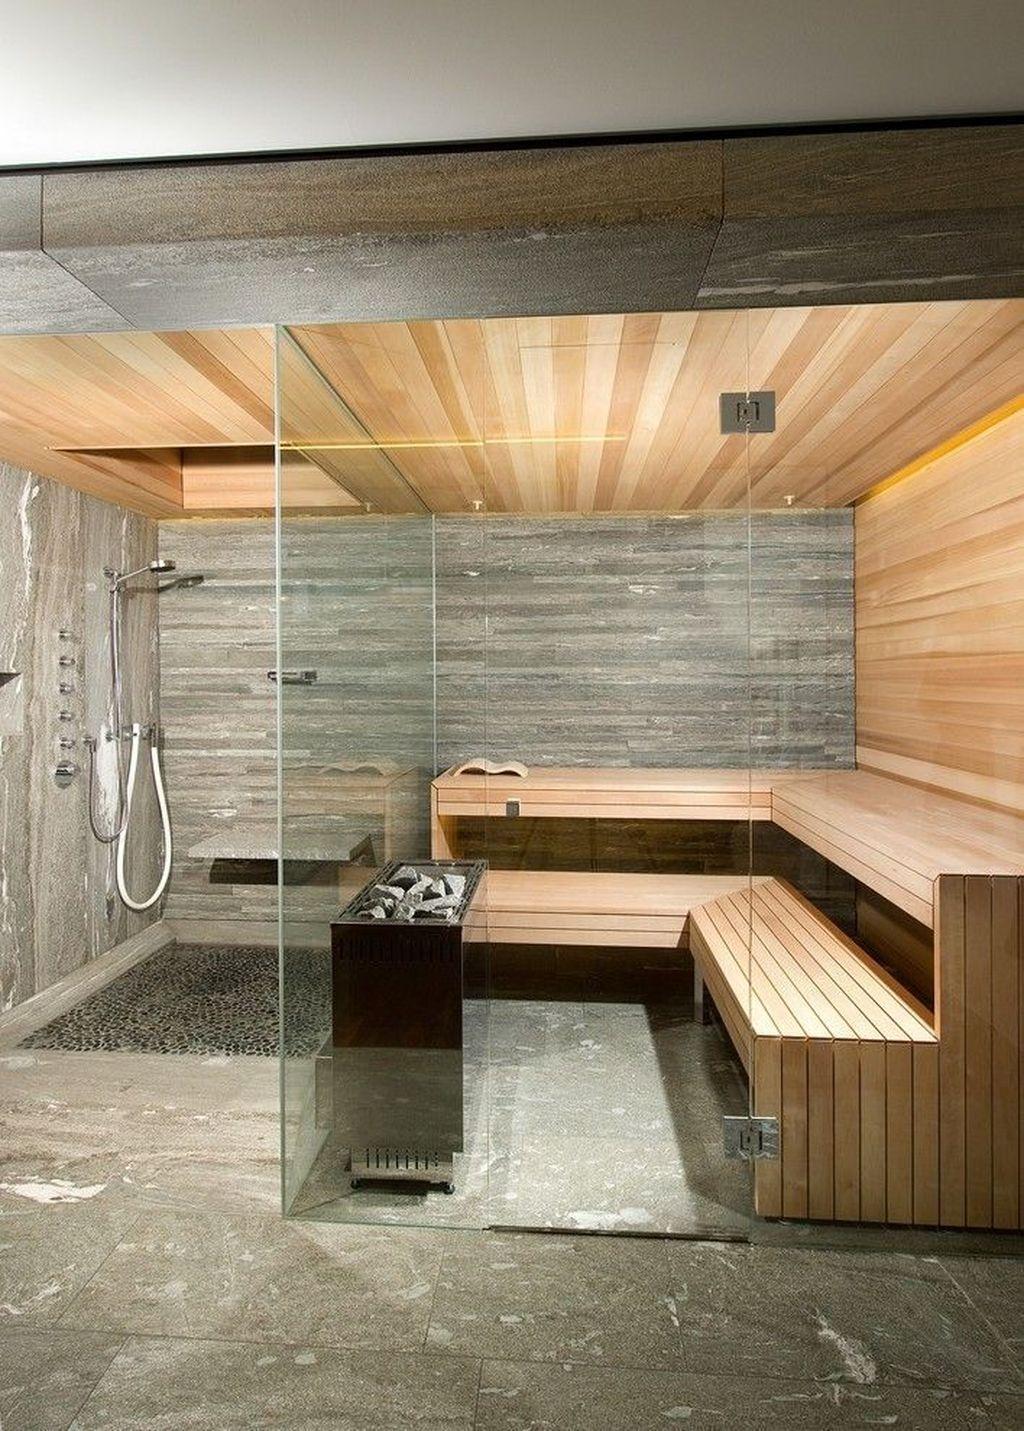 38 Awesome Home Sauna Design Ideas | Sauna design, Saunas and Room goals